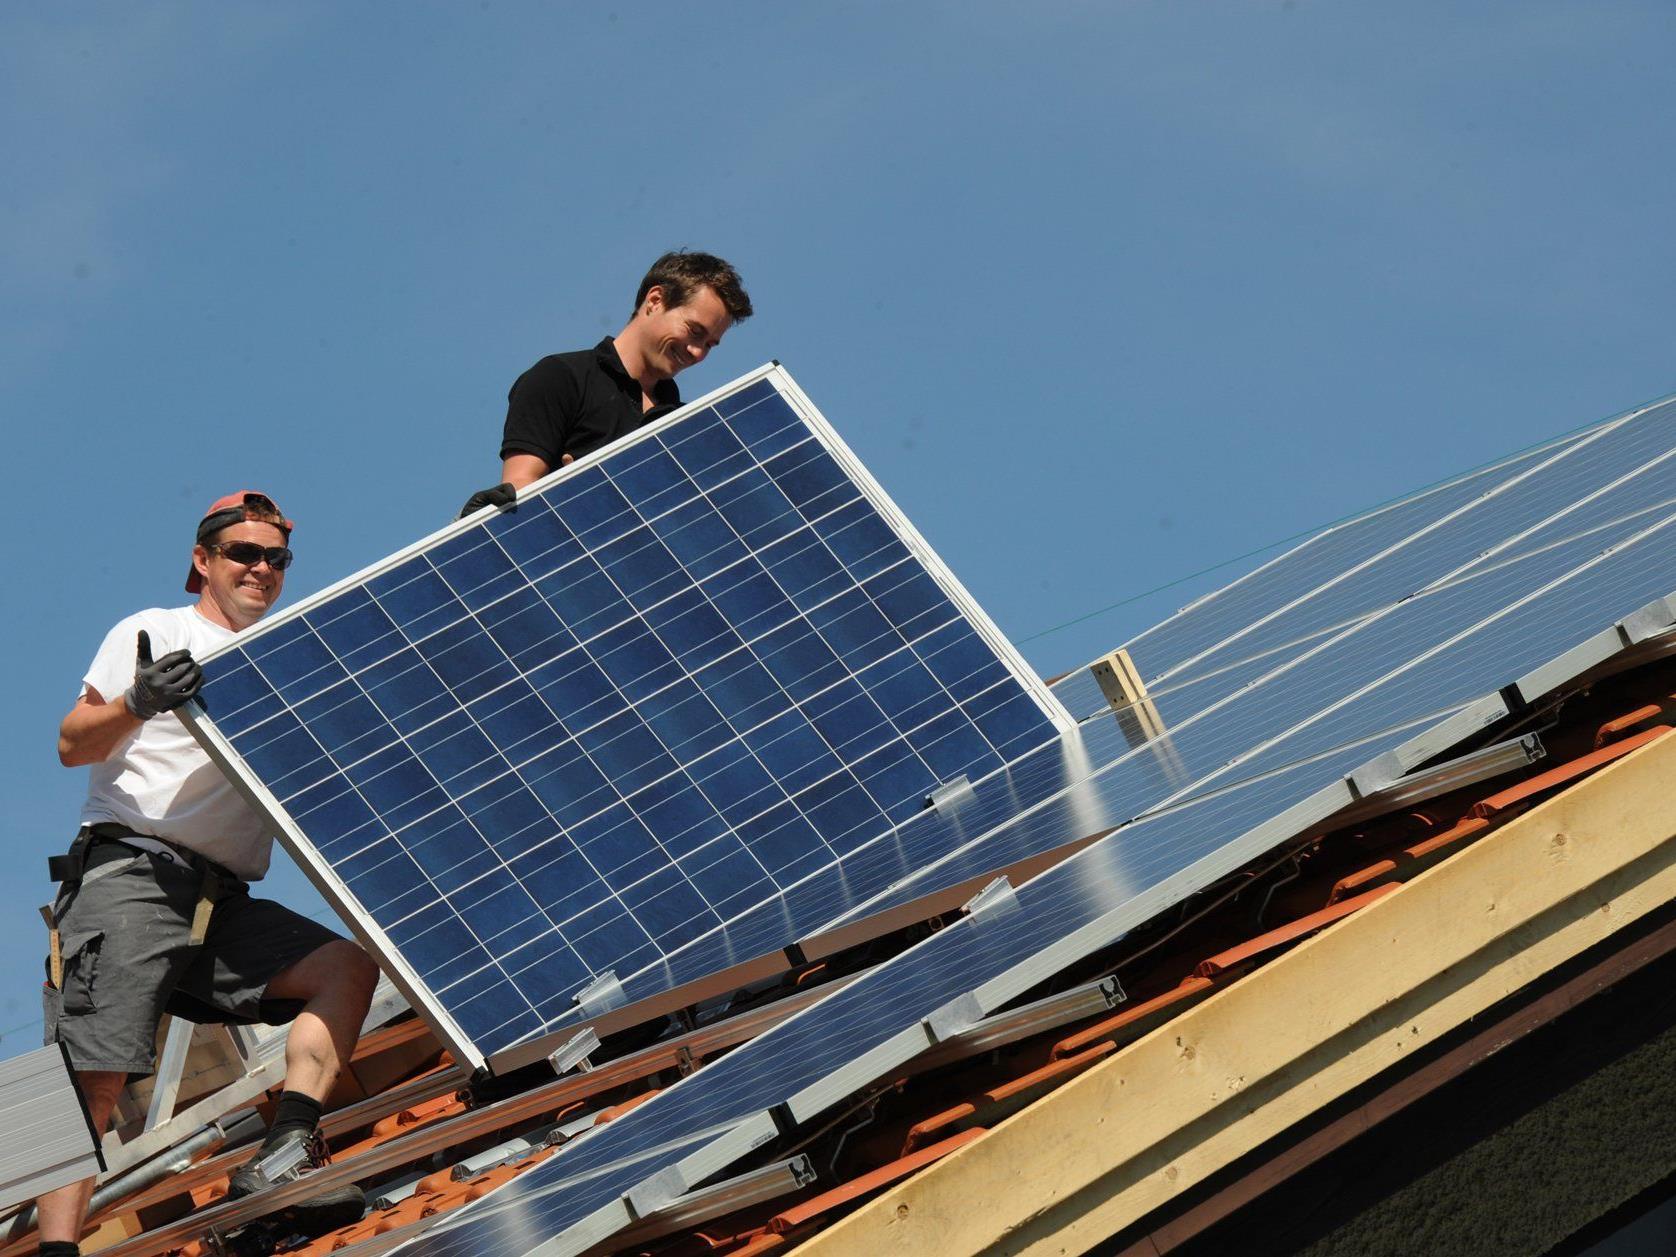 Die Photovoltaik-Aktion in der Vorderland-Gemeinden: Bis Ende Mai 2014 können hochwertige Photovoltaik-Anlagen zum attraktiven Fixpreis bestellt werden.